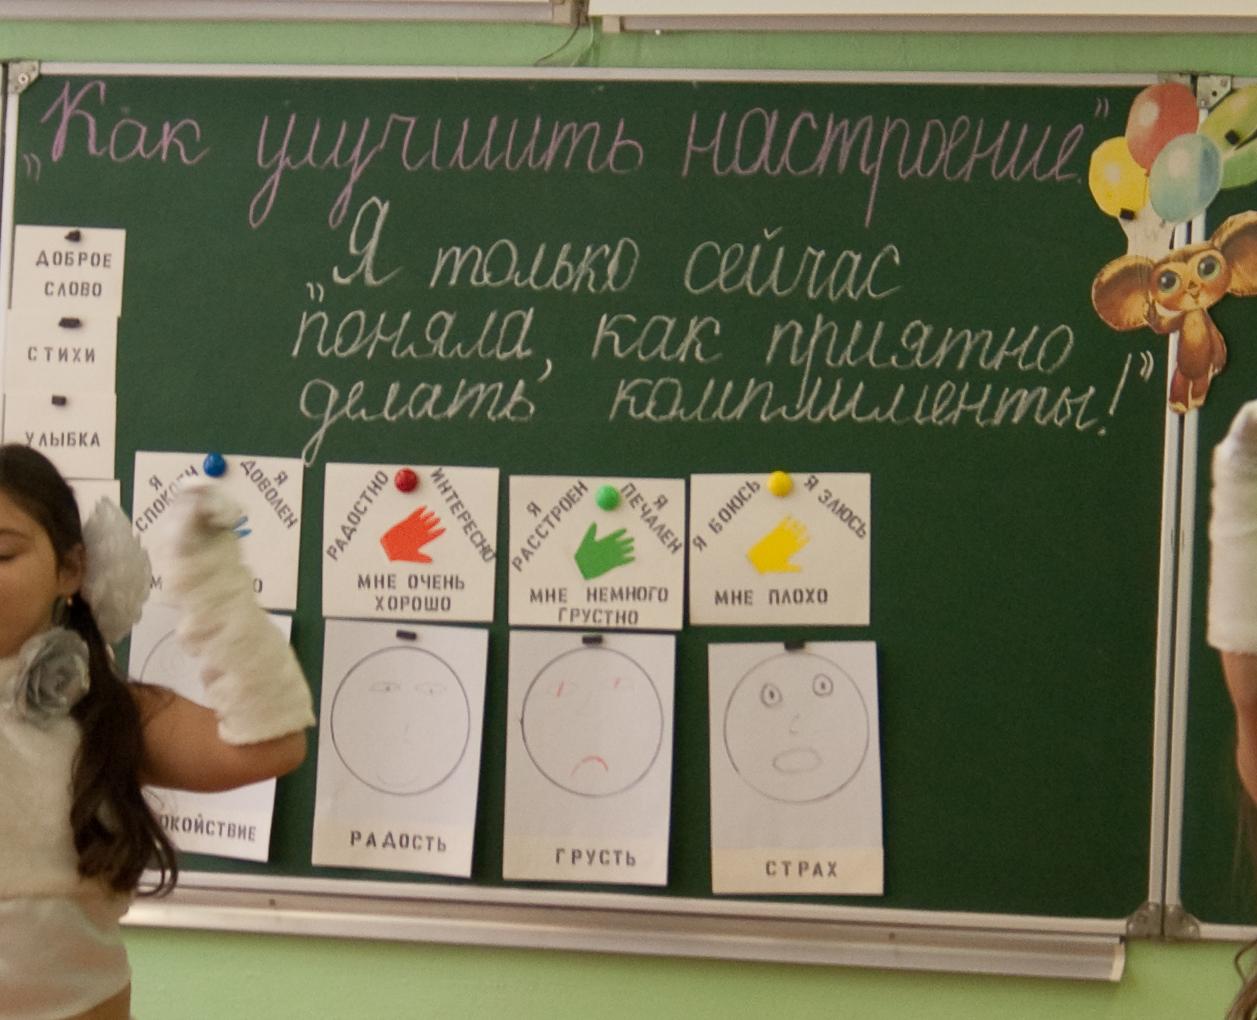 Tafel mit russischen Wörtern in einer Grundschule in Jaroslawl, Russland (2009).